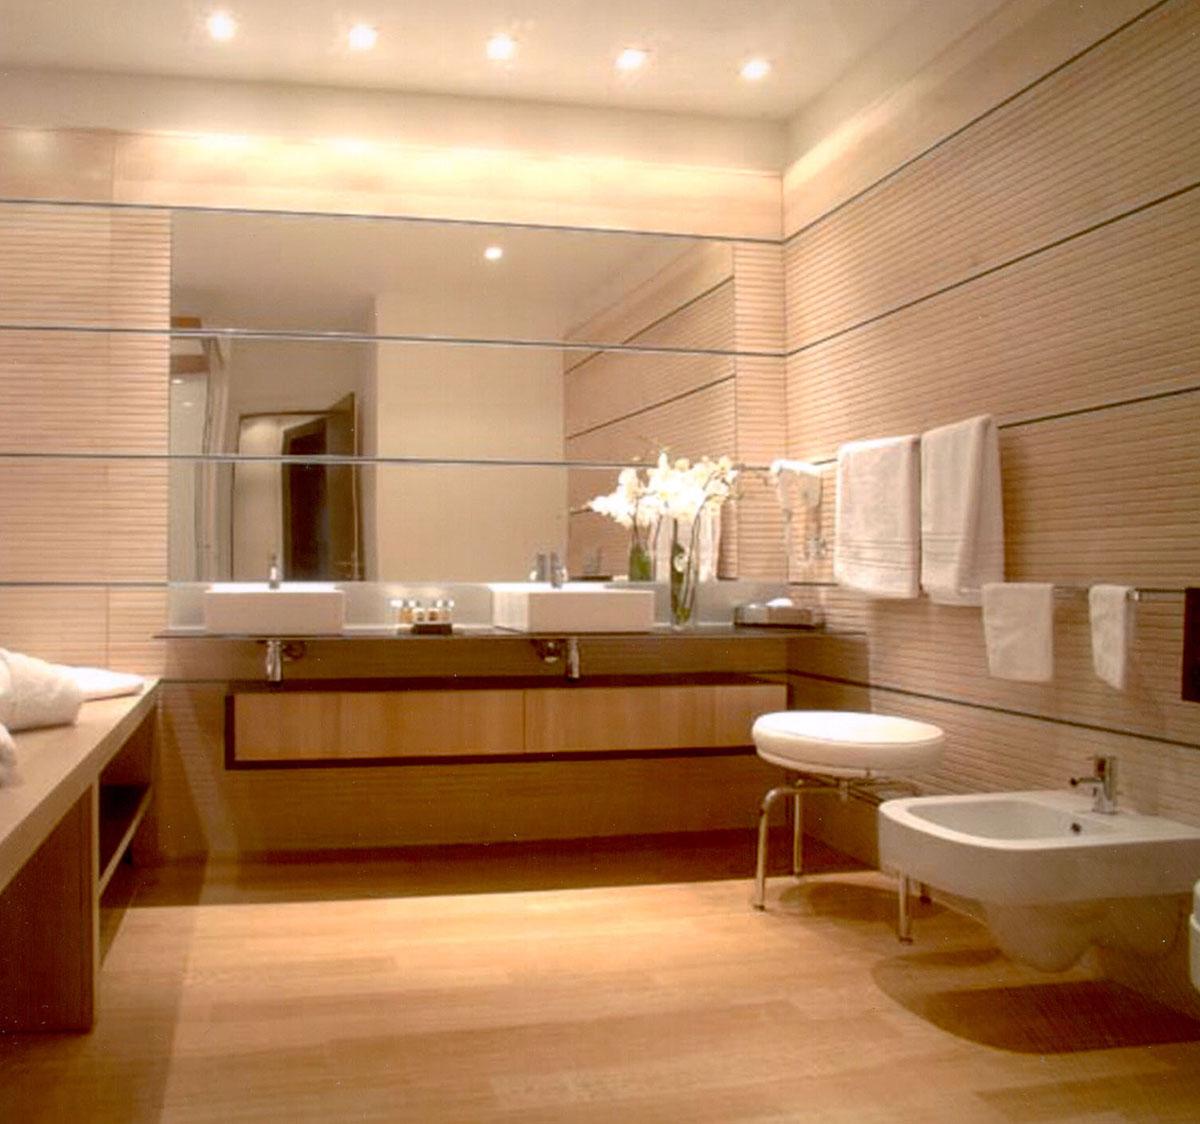 Parkett Im Badezimmer Holzboden Für Die Wellnessoase